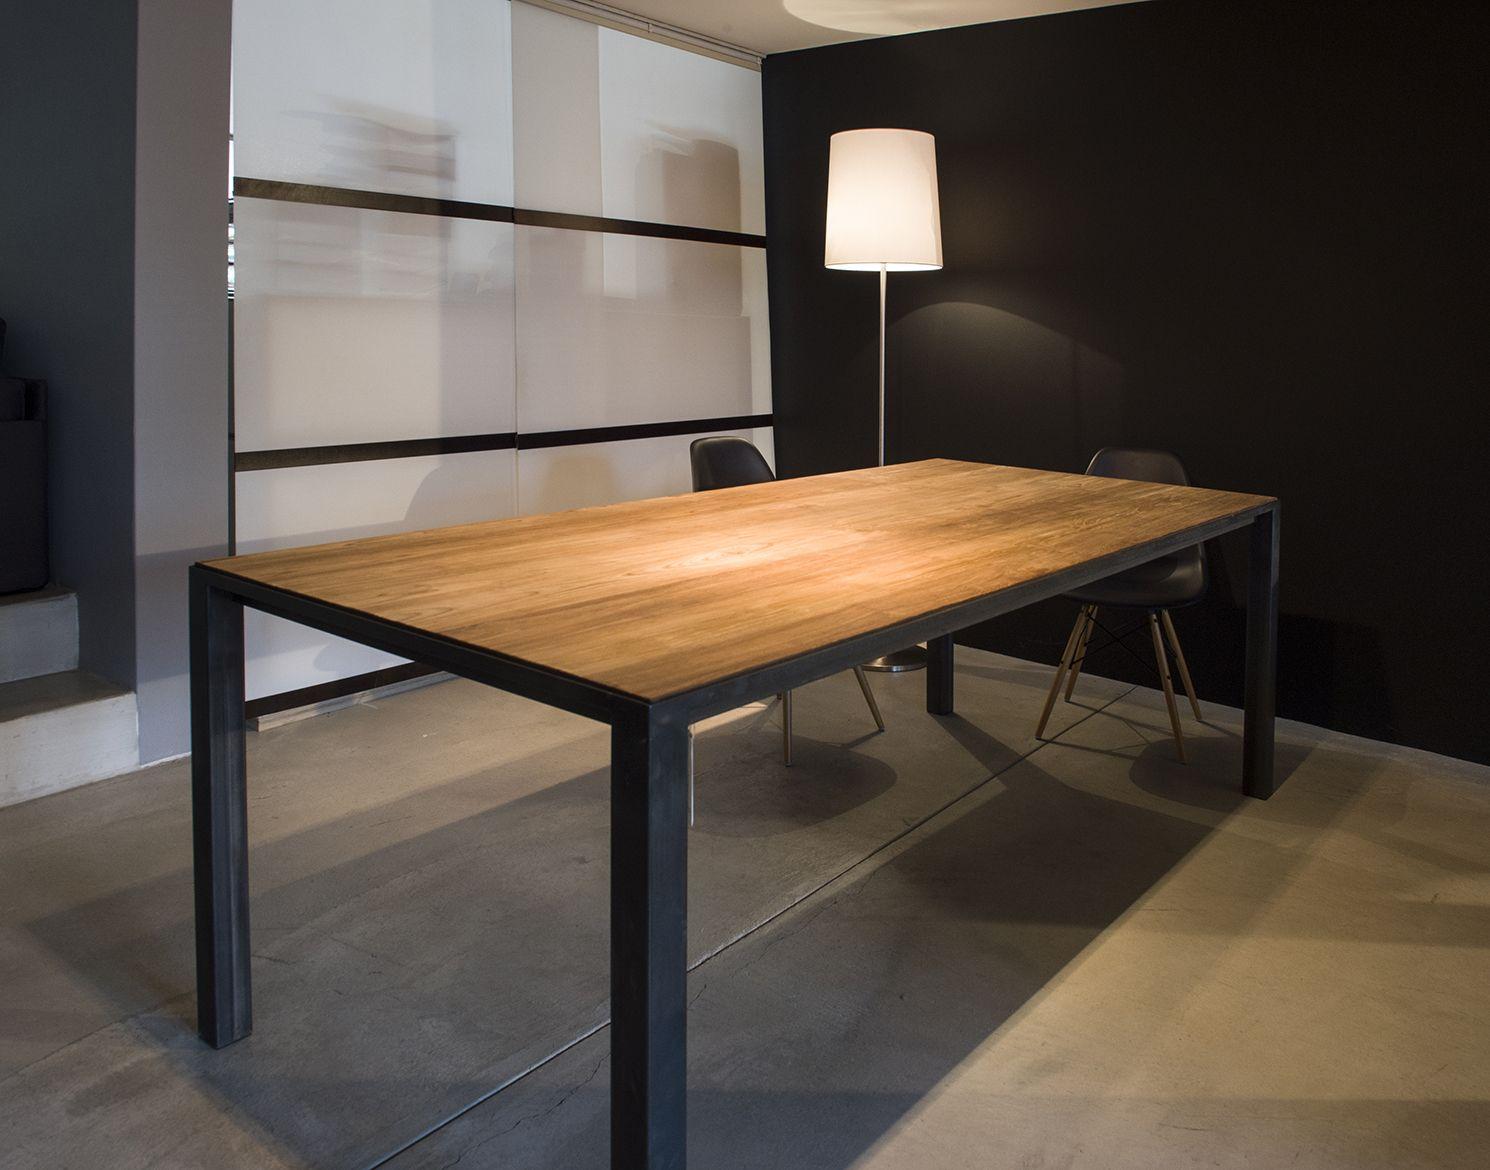 Tisch Mit Industrie Eisengestell Haus Deko Tisch Inneneinrichtung